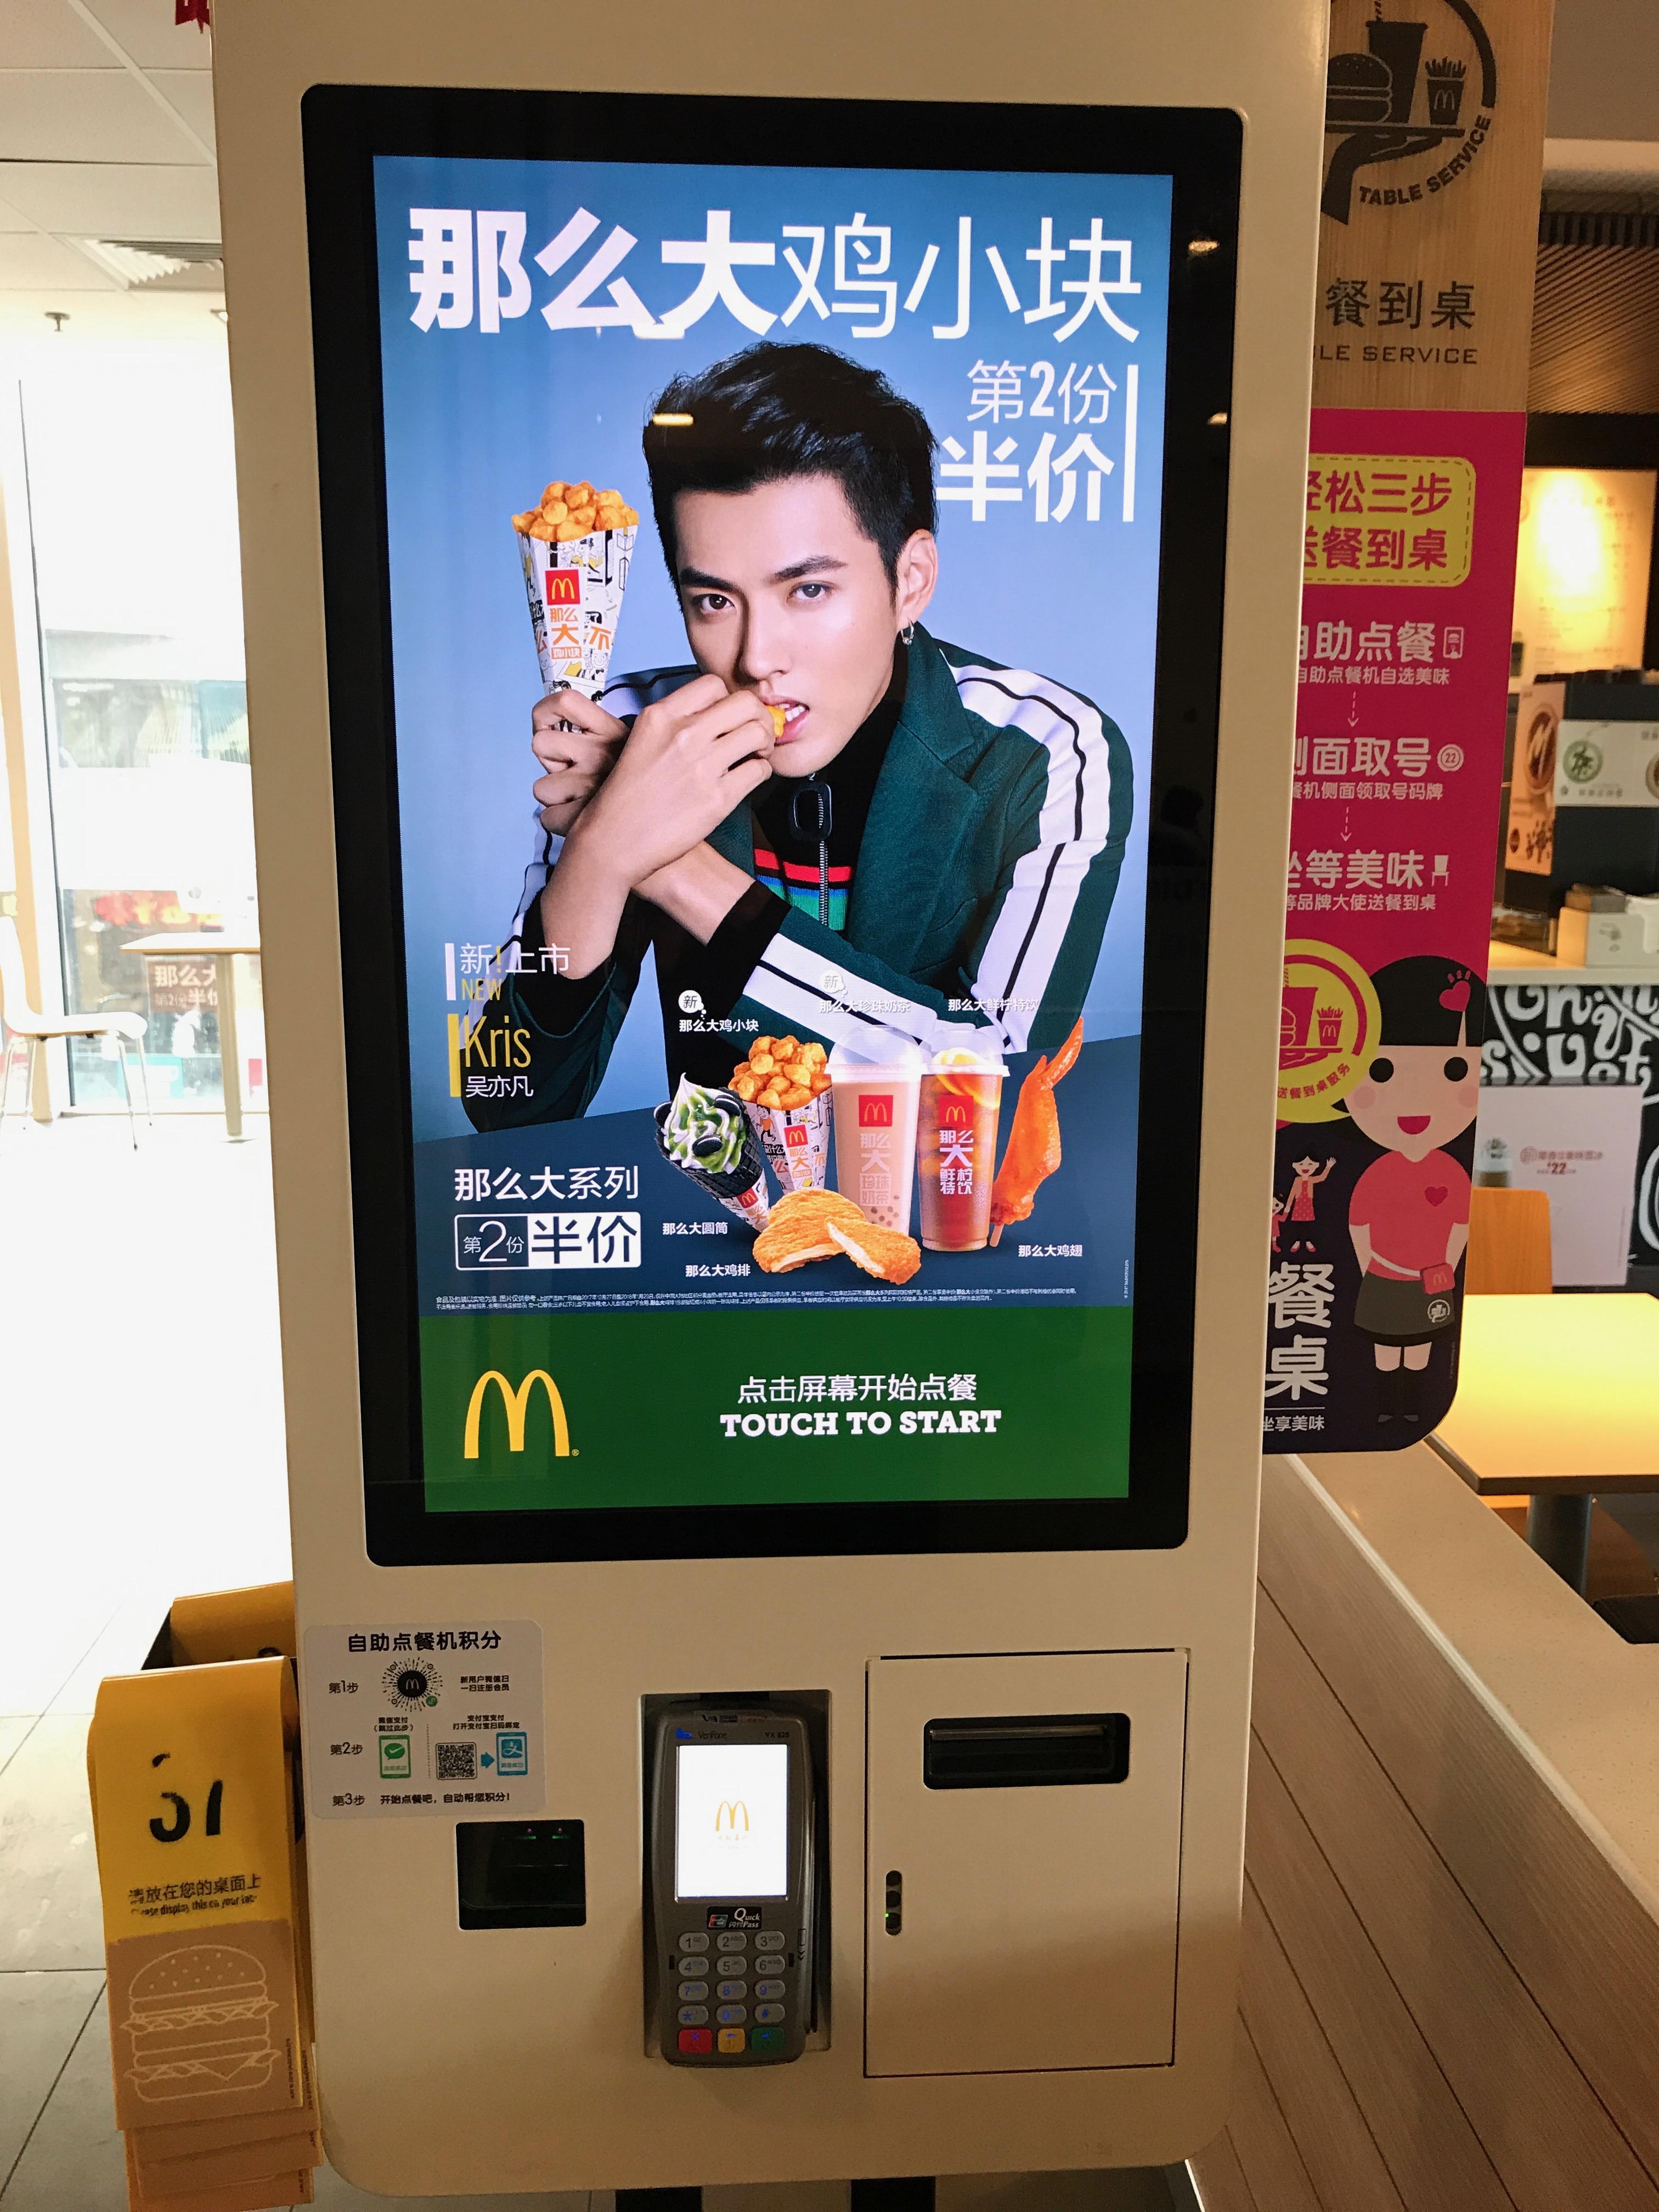 中国のマクドナルドの支払い機械